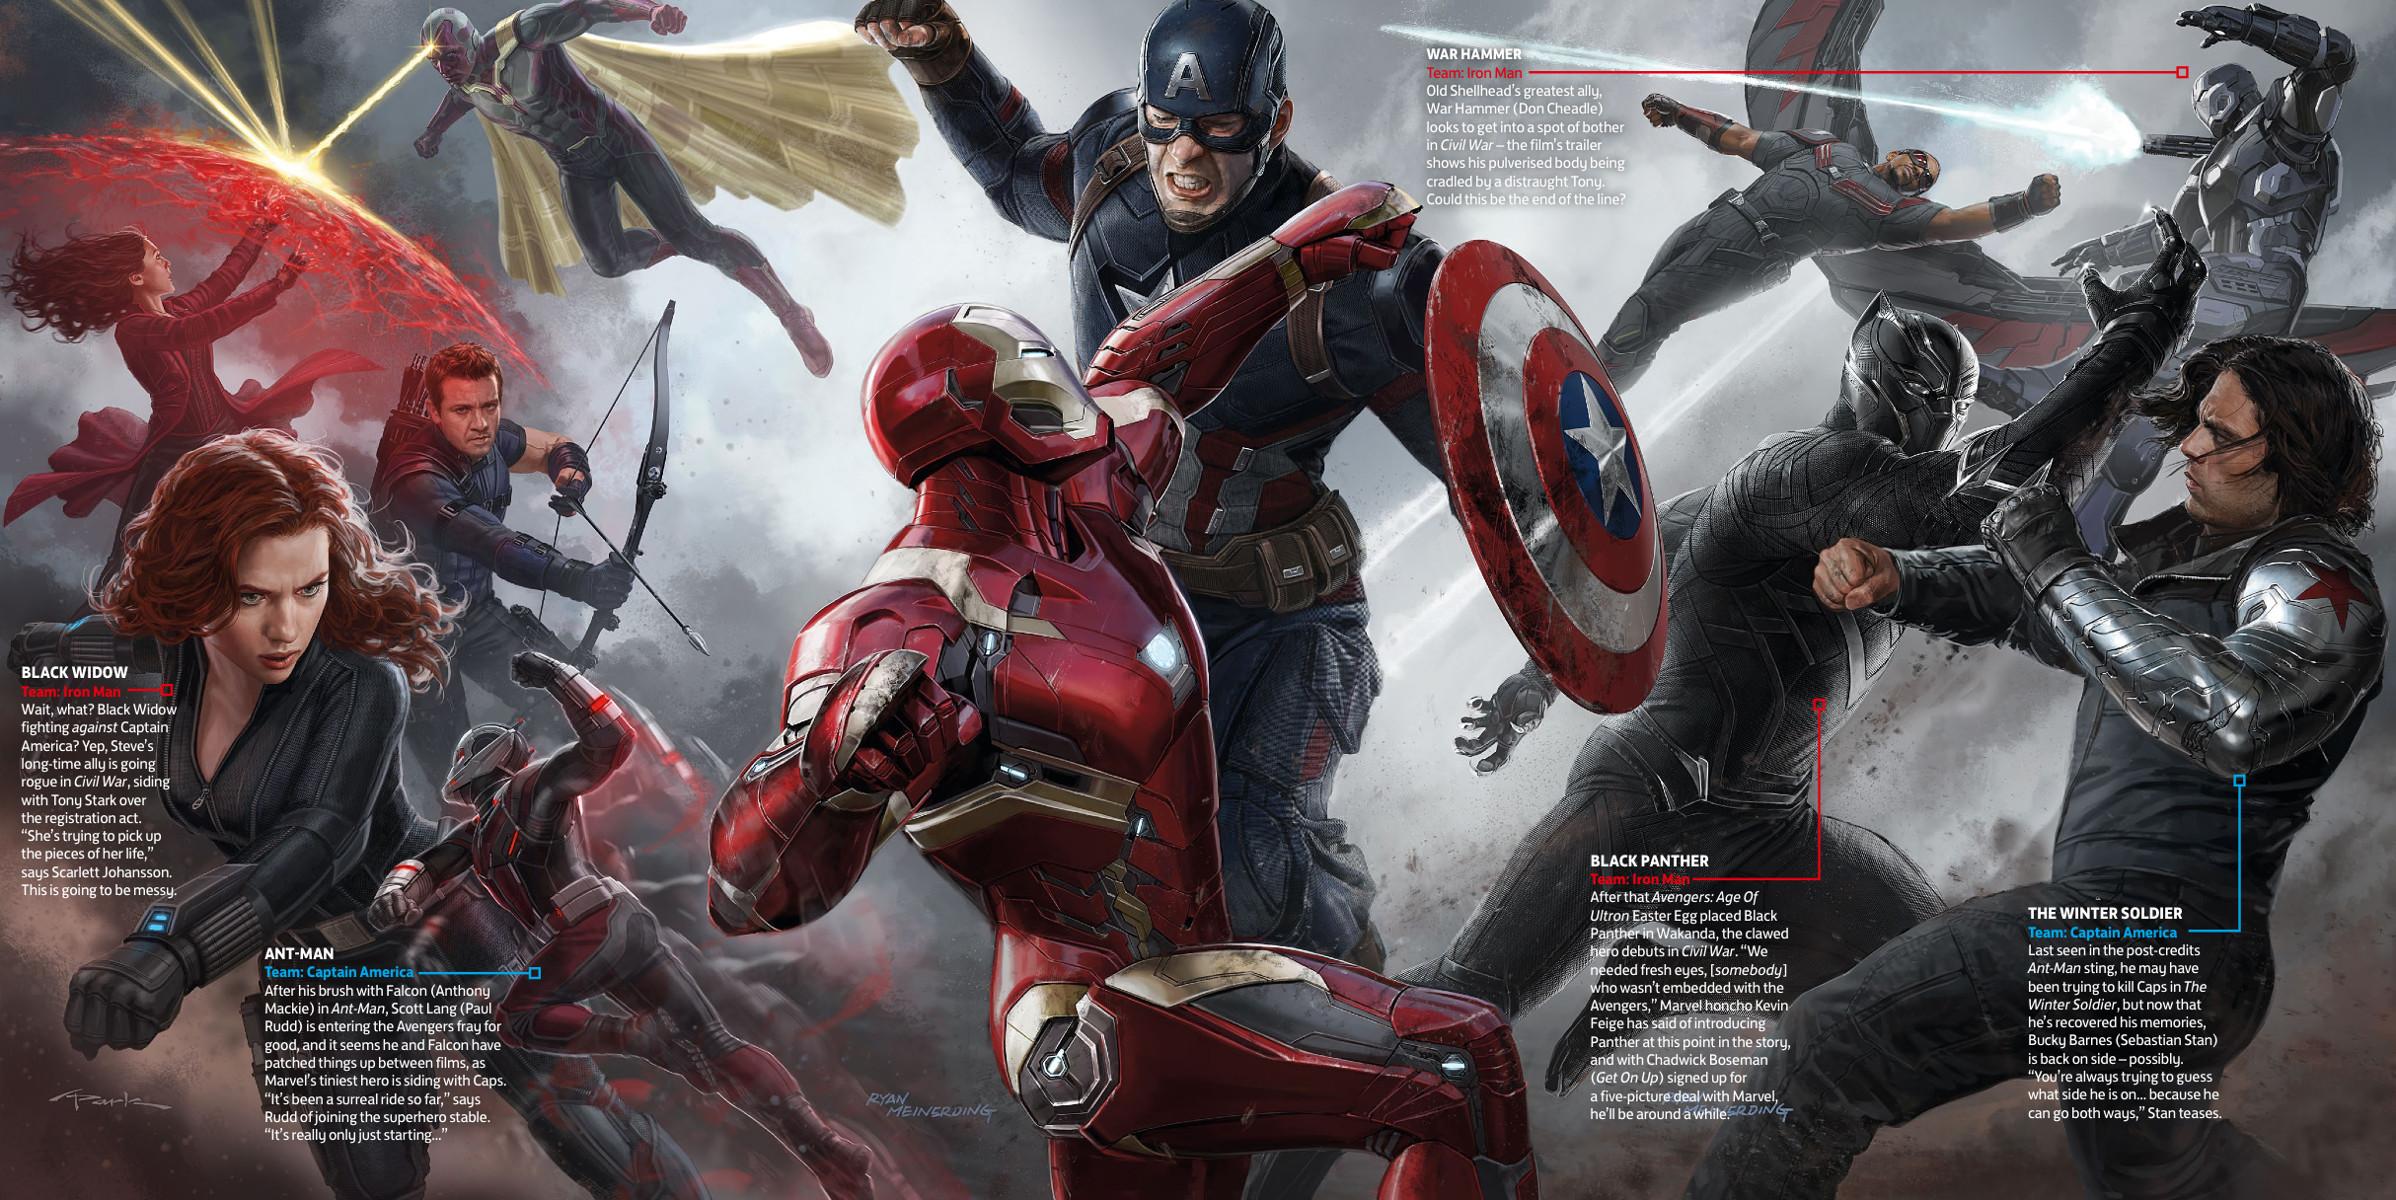 Le fazioni schierate nel nuovo concept art di Captain America ...